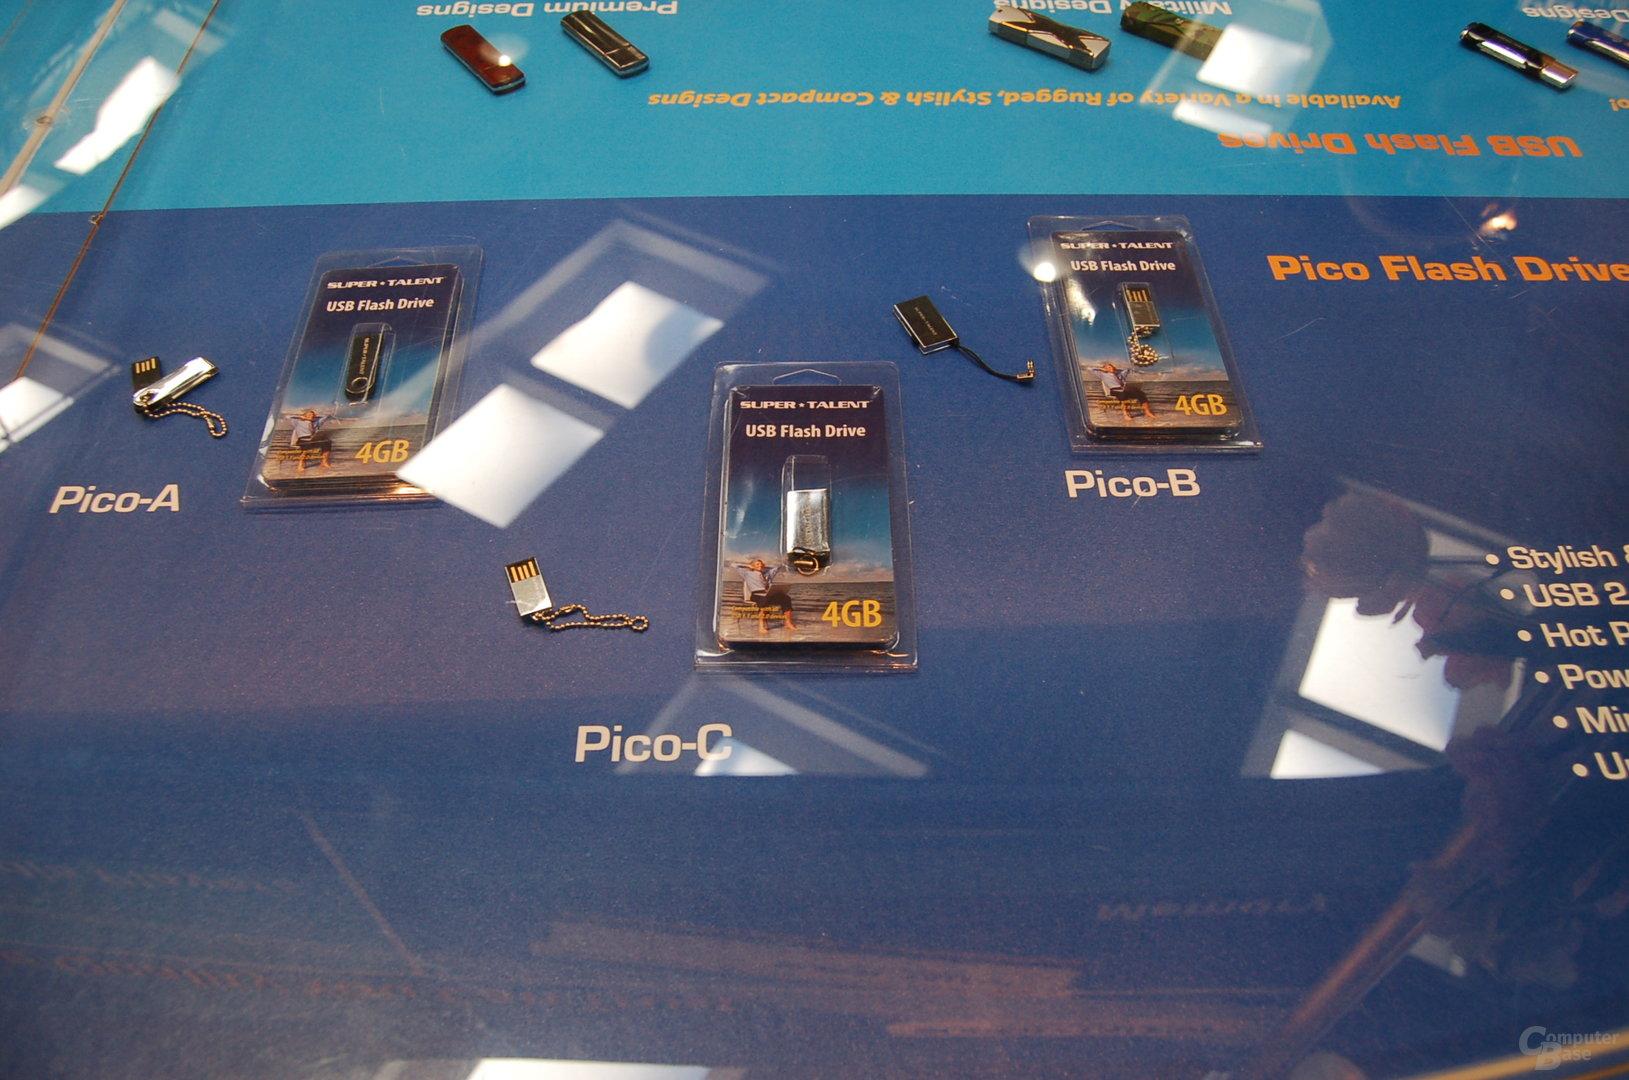 """Trend zu kleineren USB-Sticks der """"Pico""""-Serie bei Super Talent, erhältlich in Kapazitäten von 1 bis 4 GB"""